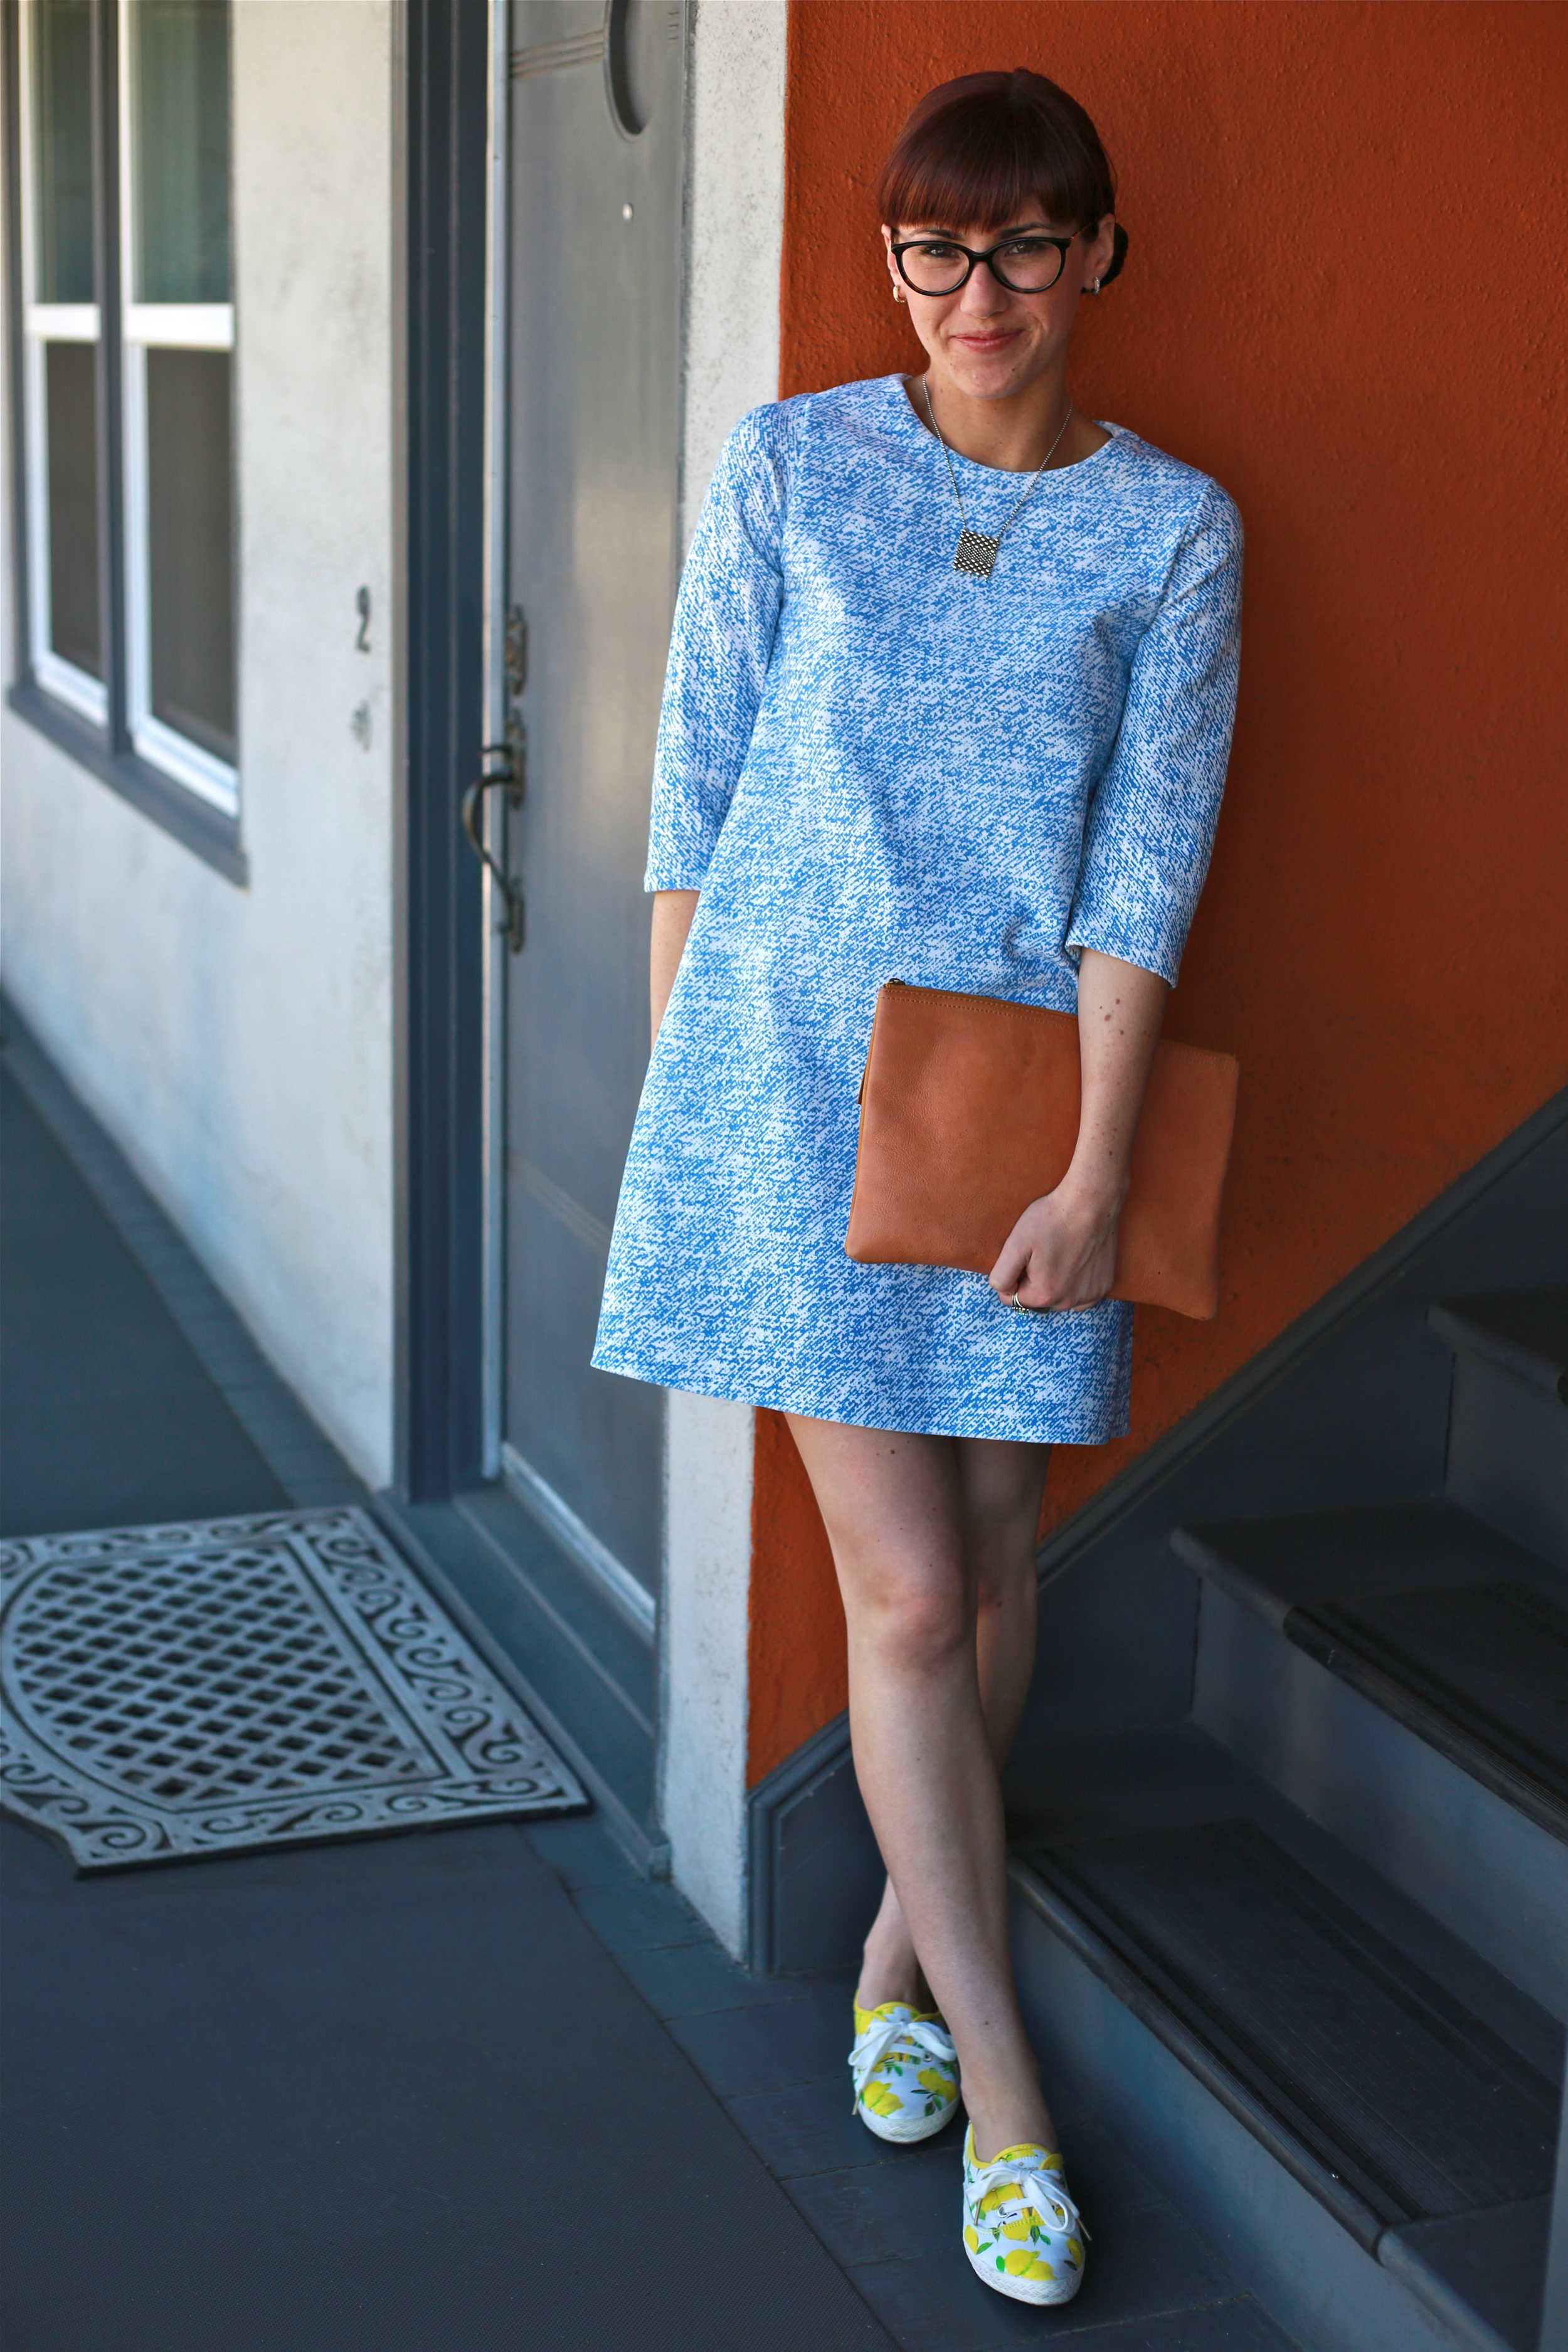 Dress: Zara; Clutch: Madewell; Sneakers: Kate Spade x Keds; Rings: Vintage; Glasses: Prada